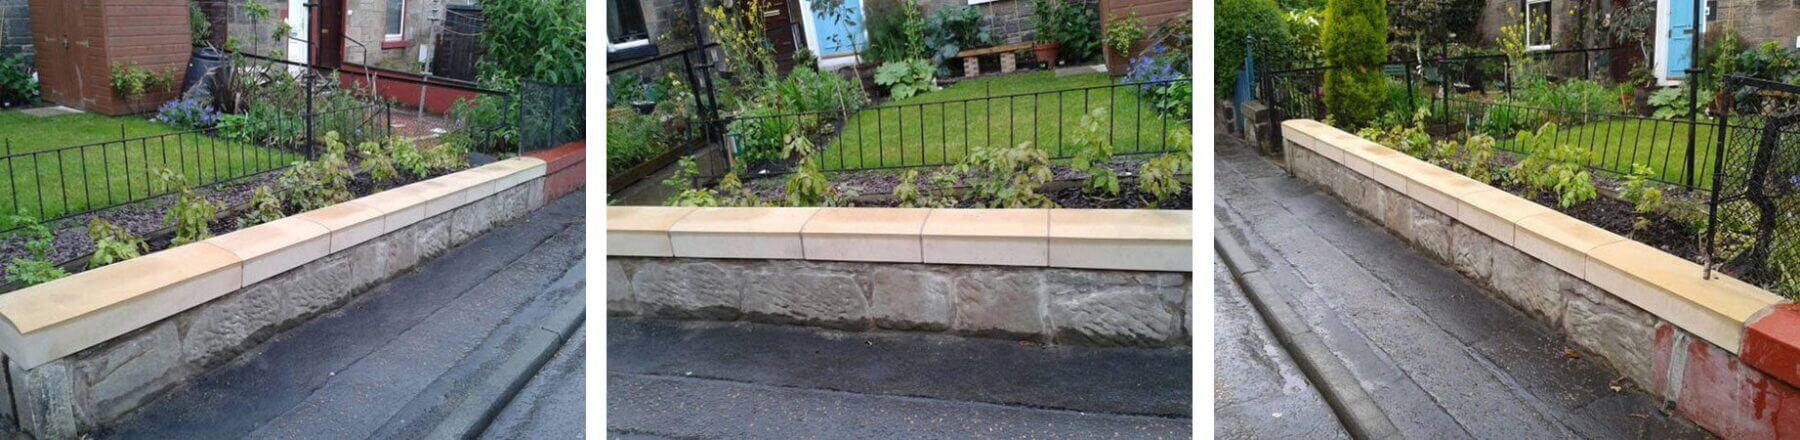 Wall Repairs Edinburgh